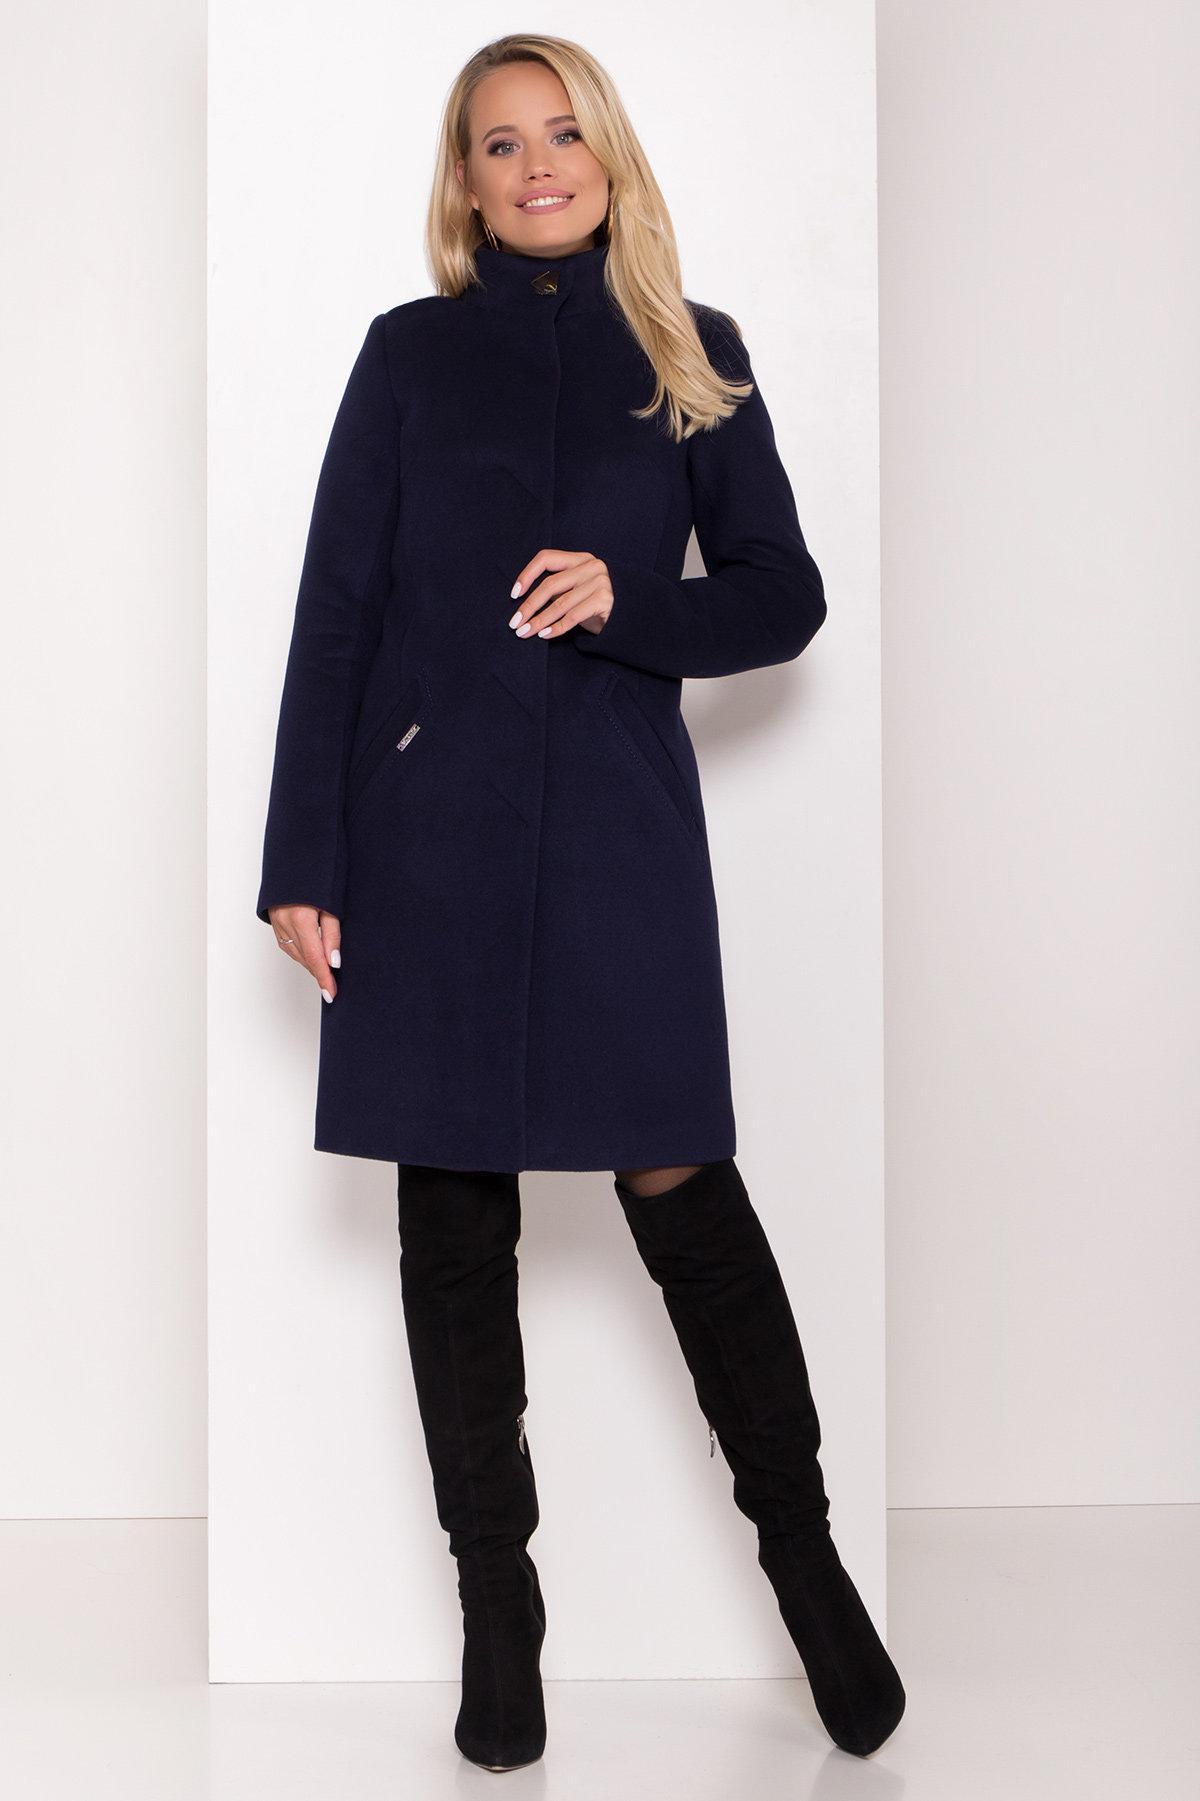 Пальто зима с хомутом Люцея 8211 АРТ. 44224 Цвет: Т.синий Н-14 - фото 5, интернет магазин tm-modus.ru